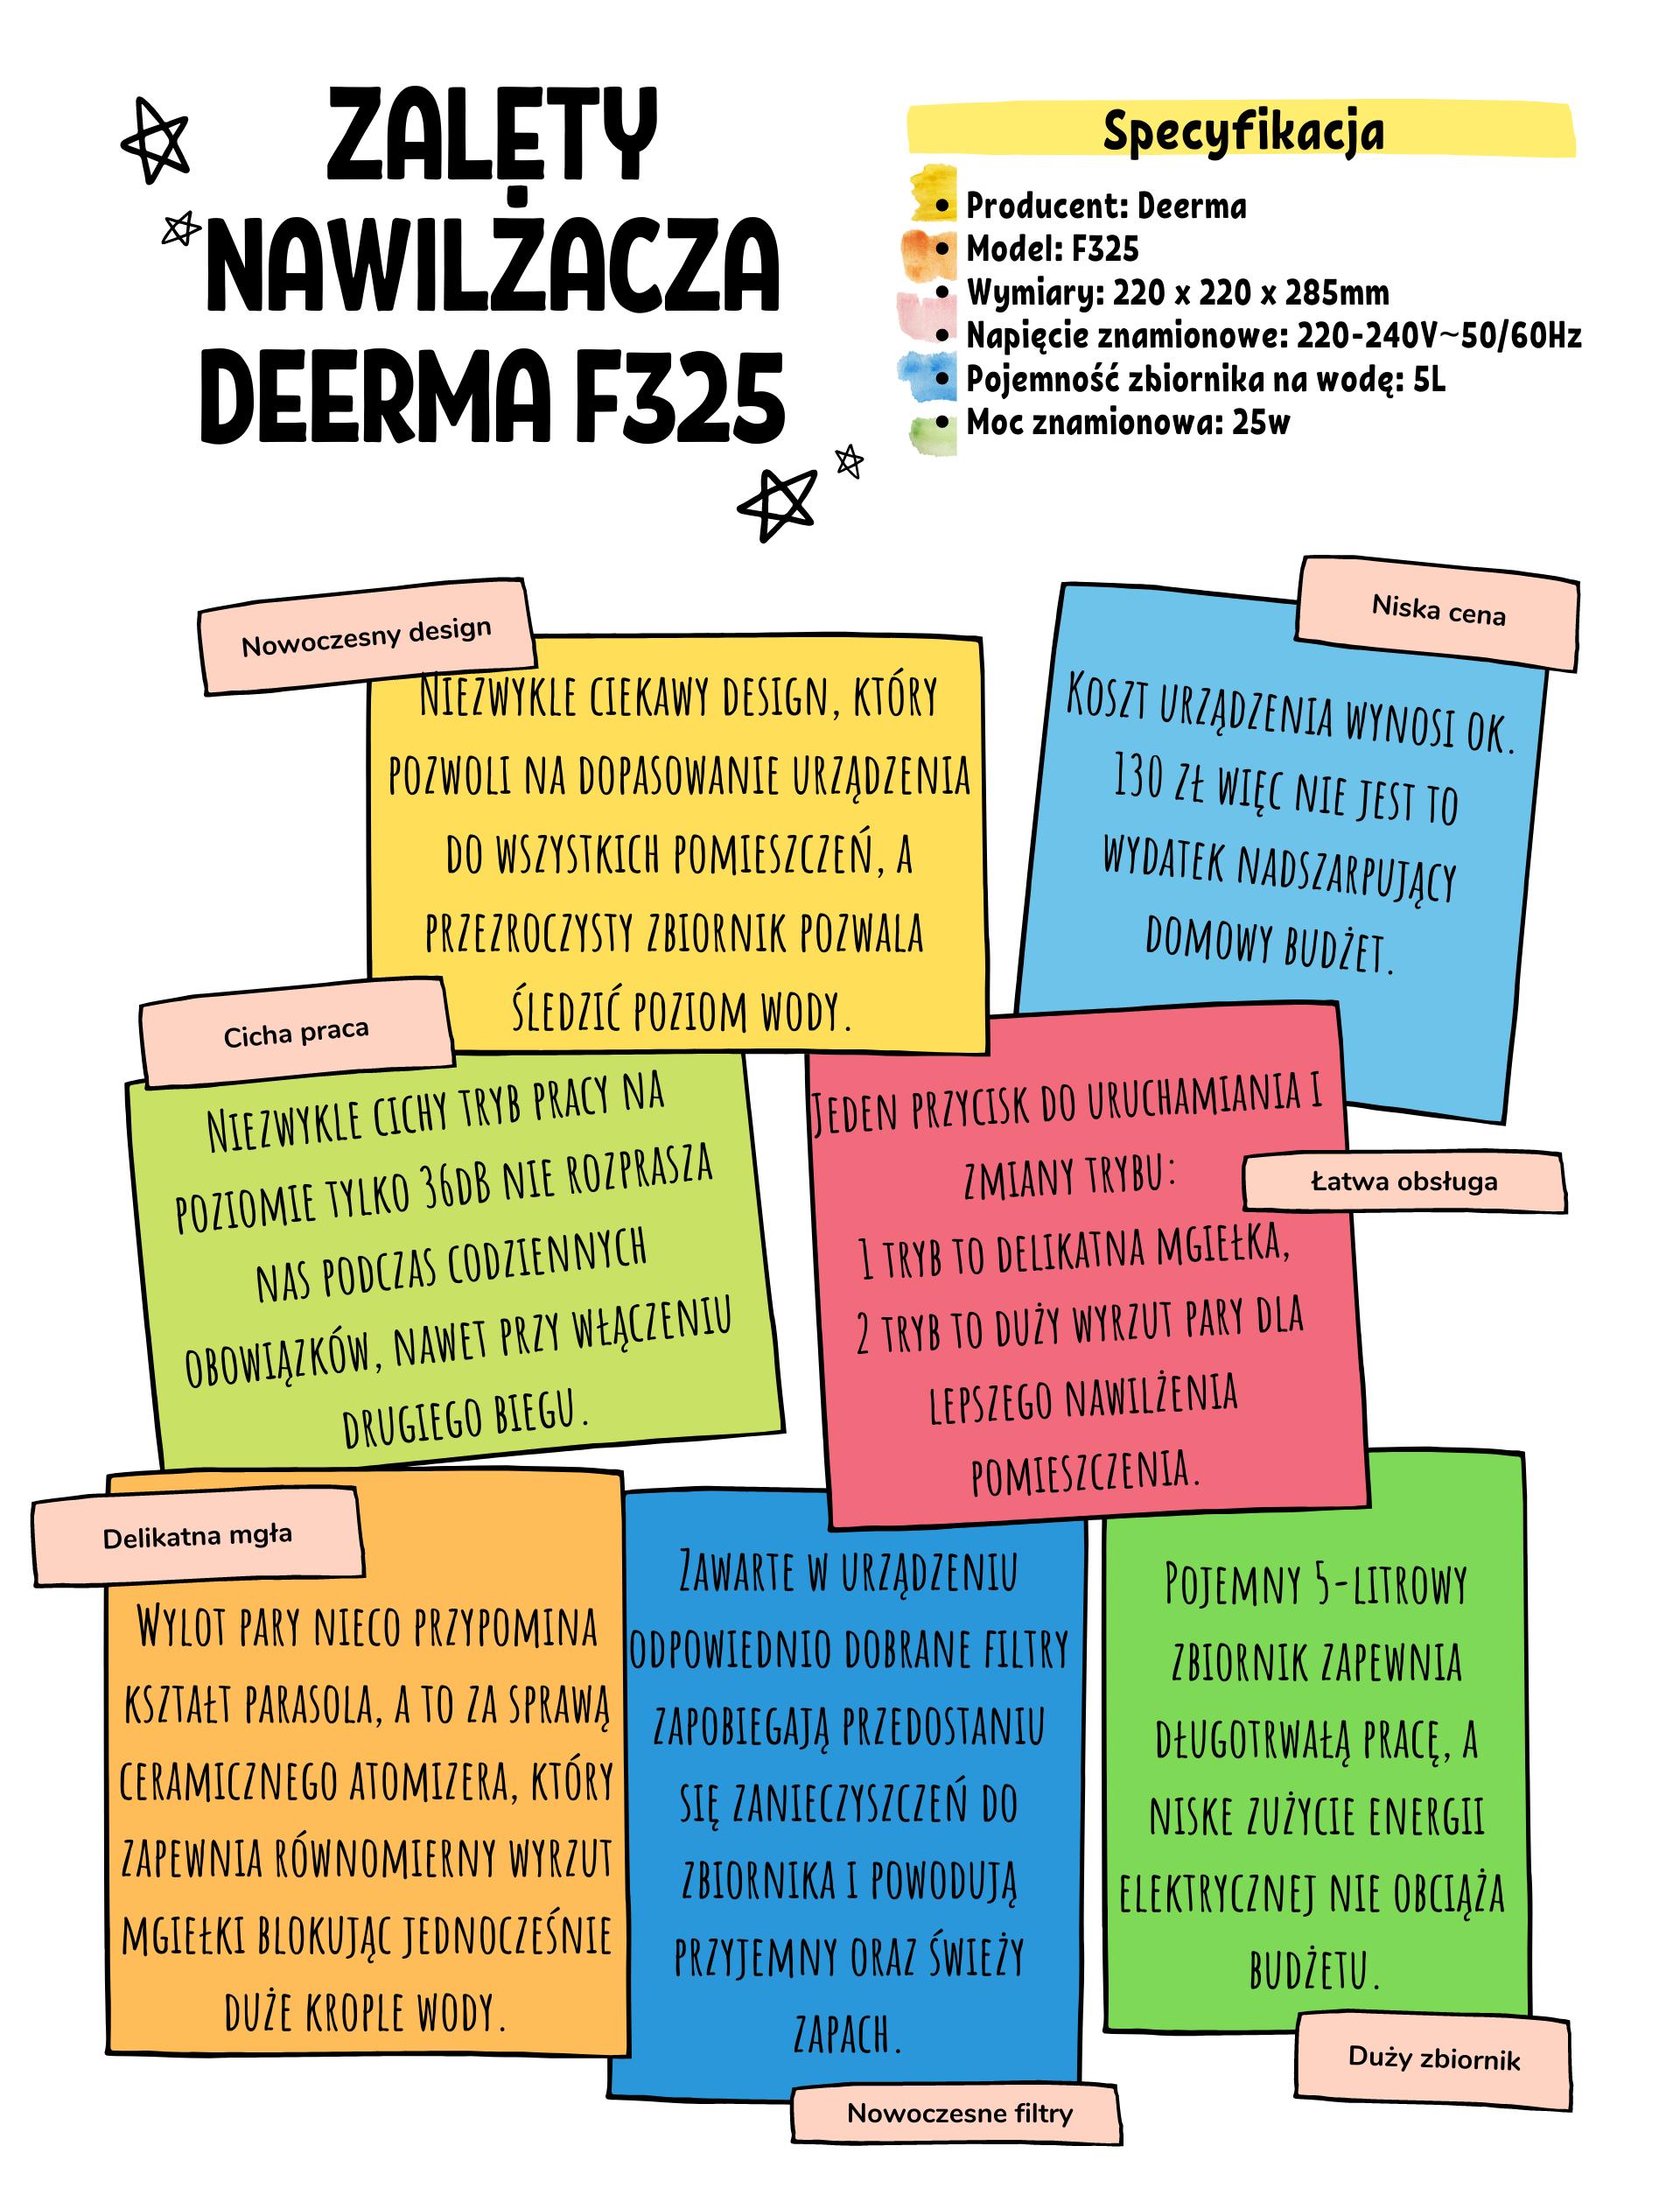 Zalety nawilżacza Deerma F325